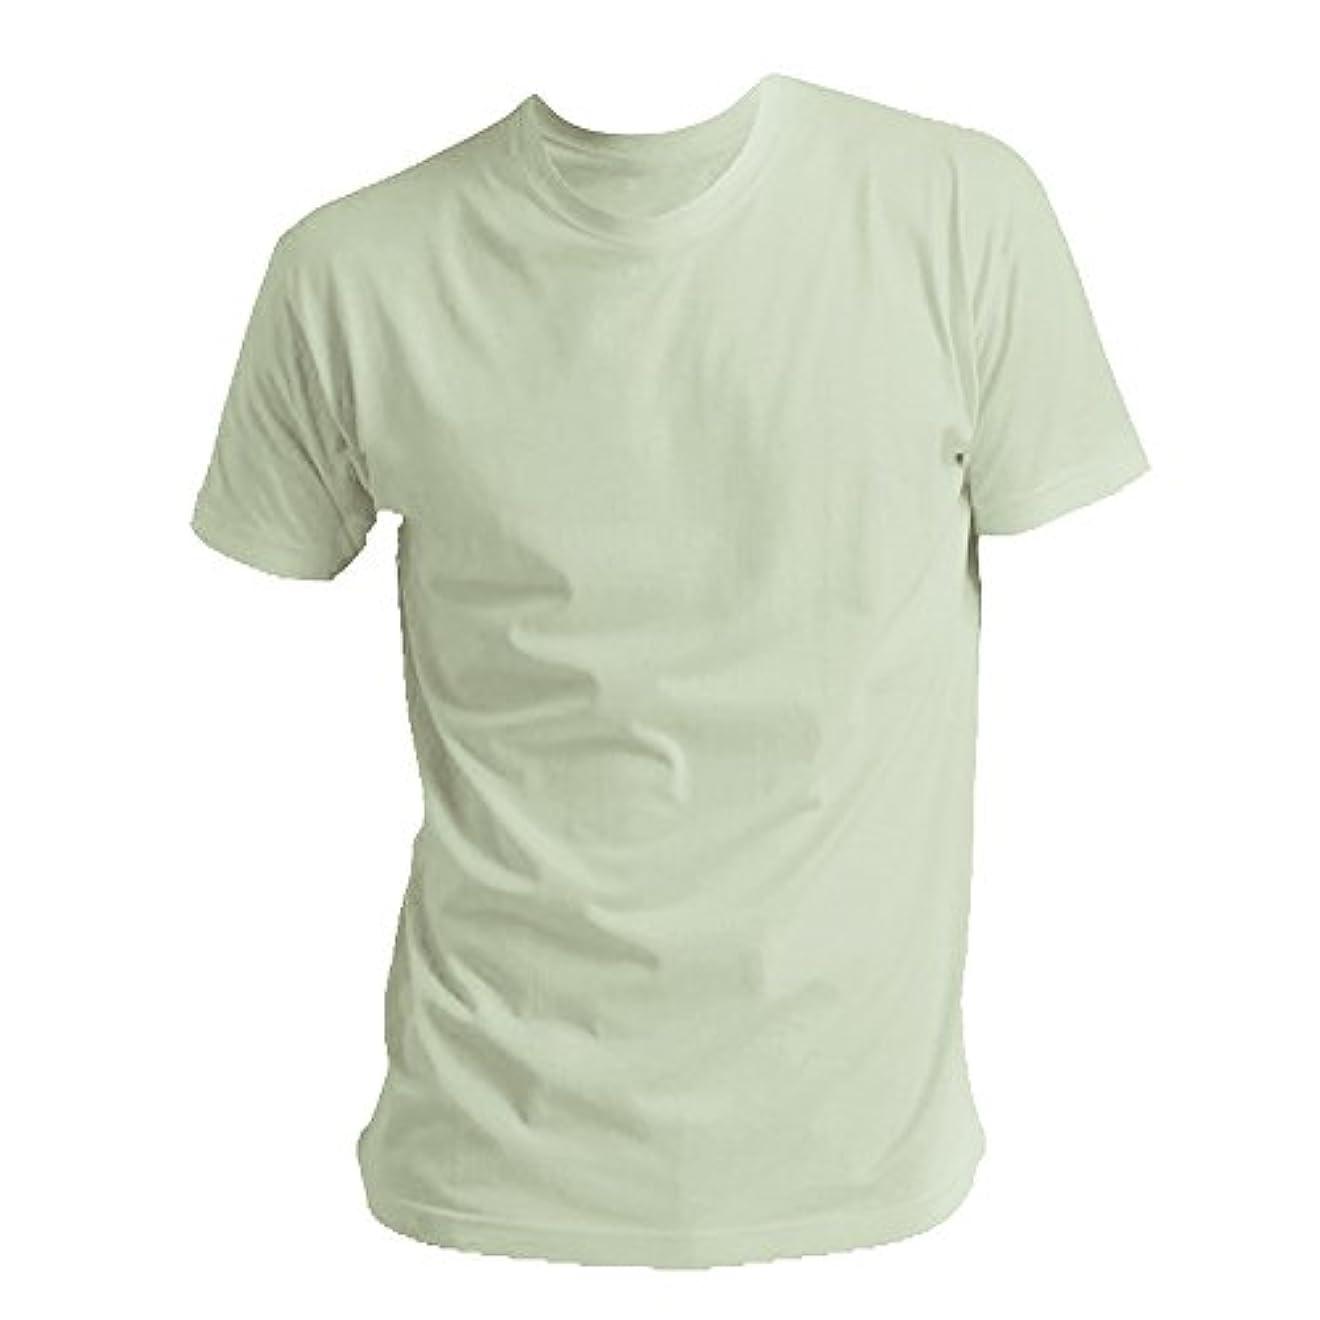 雪の傷跡事故(ソールズ) SOLS メンズ リージェント クルーネック 半袖Tシャツ カットソー トップス 男性用